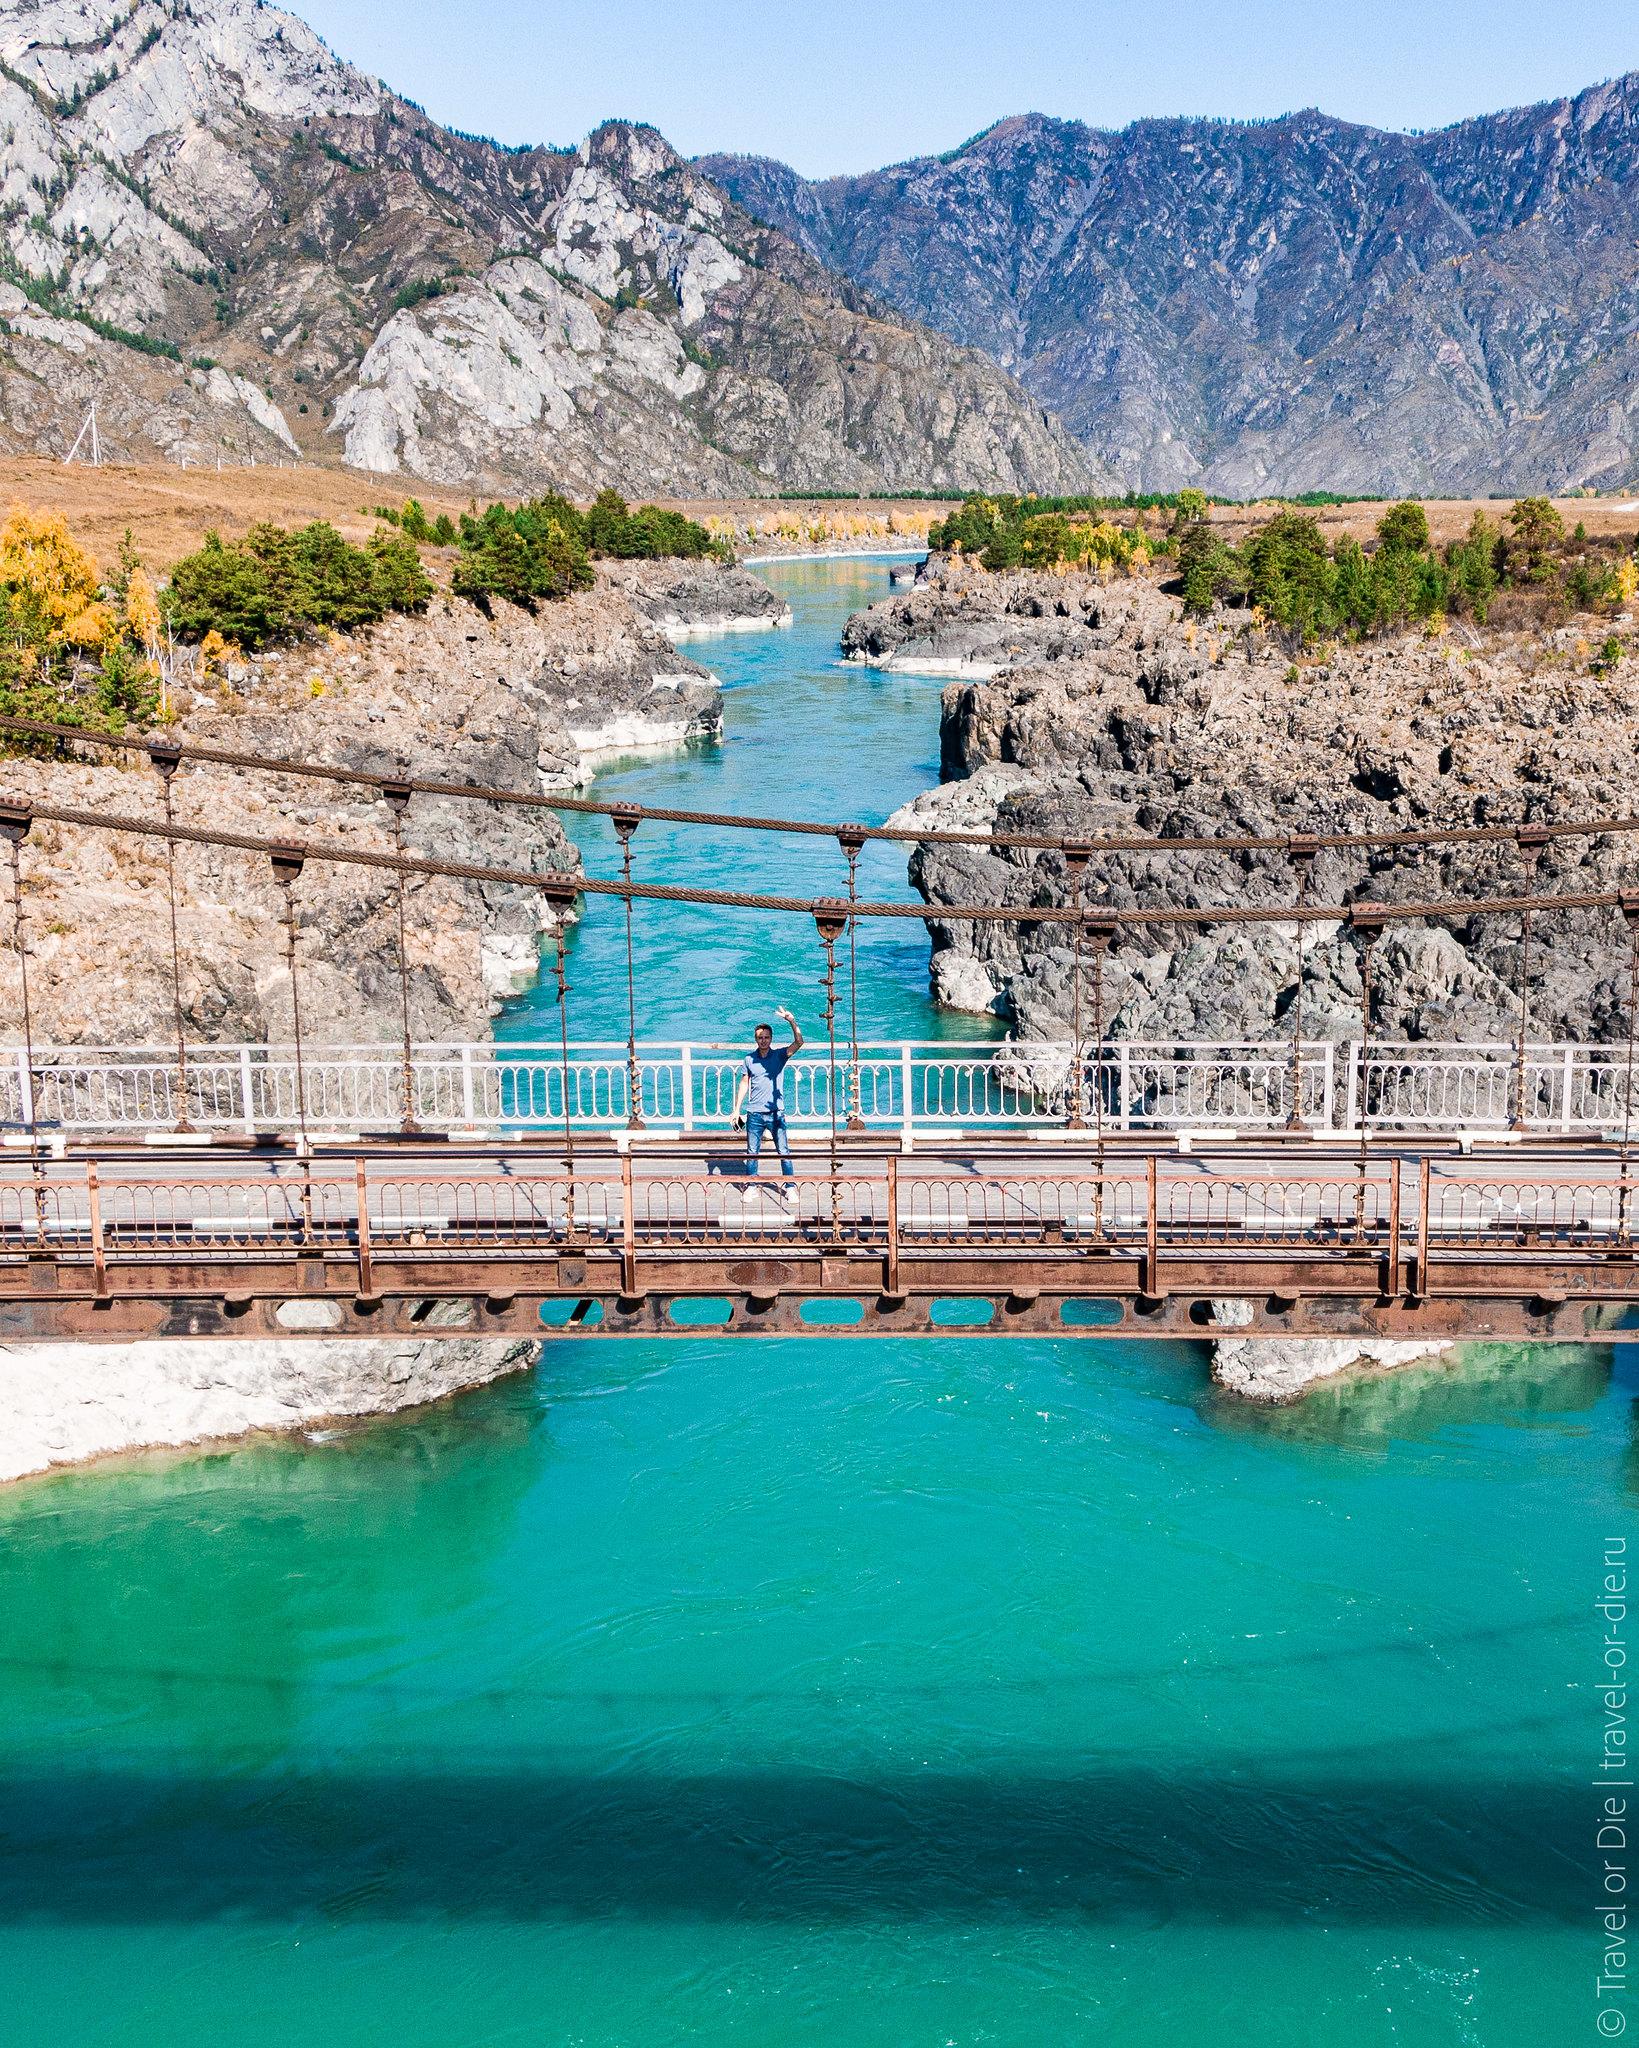 Oroktoyskiy-Bridge-Altai-mavic-0802-2